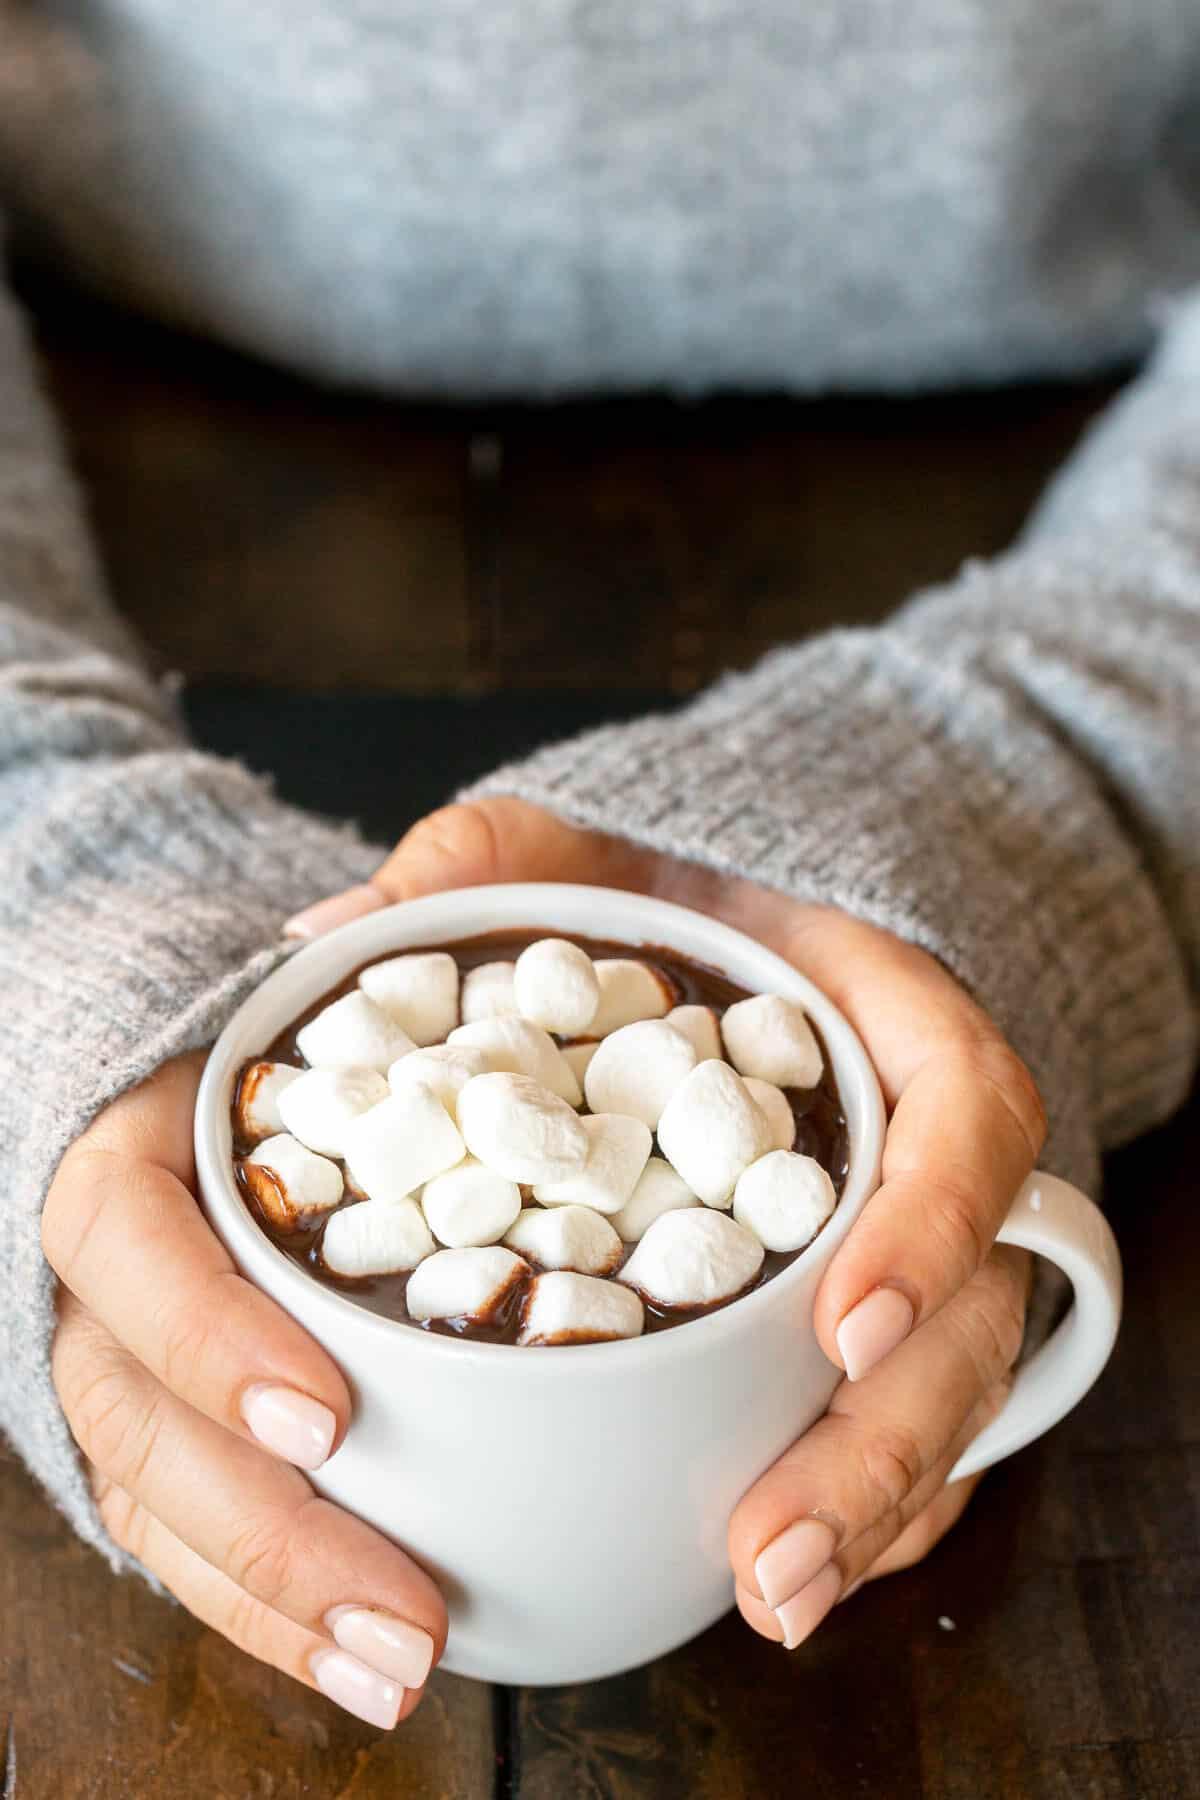 hands around a white mug full of hot chocolate